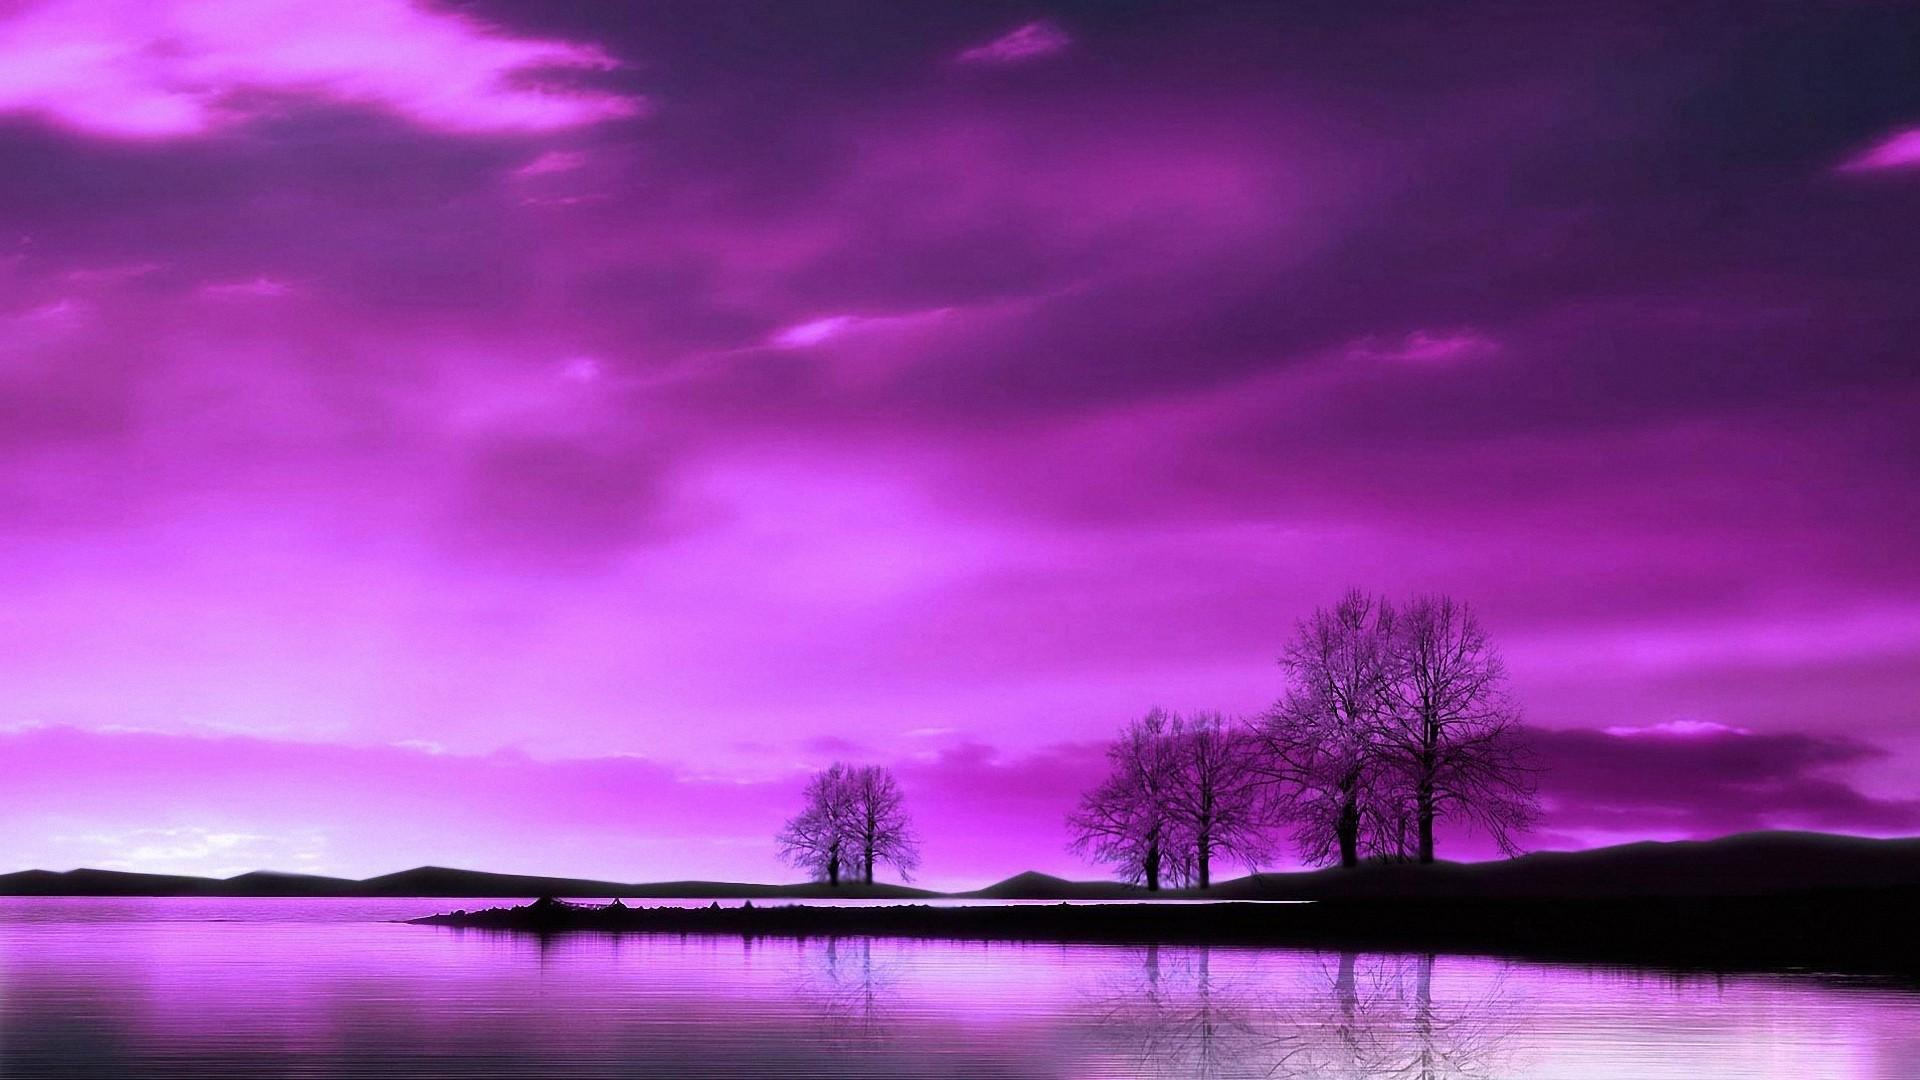 Purple Sky PC Wallpaper HD